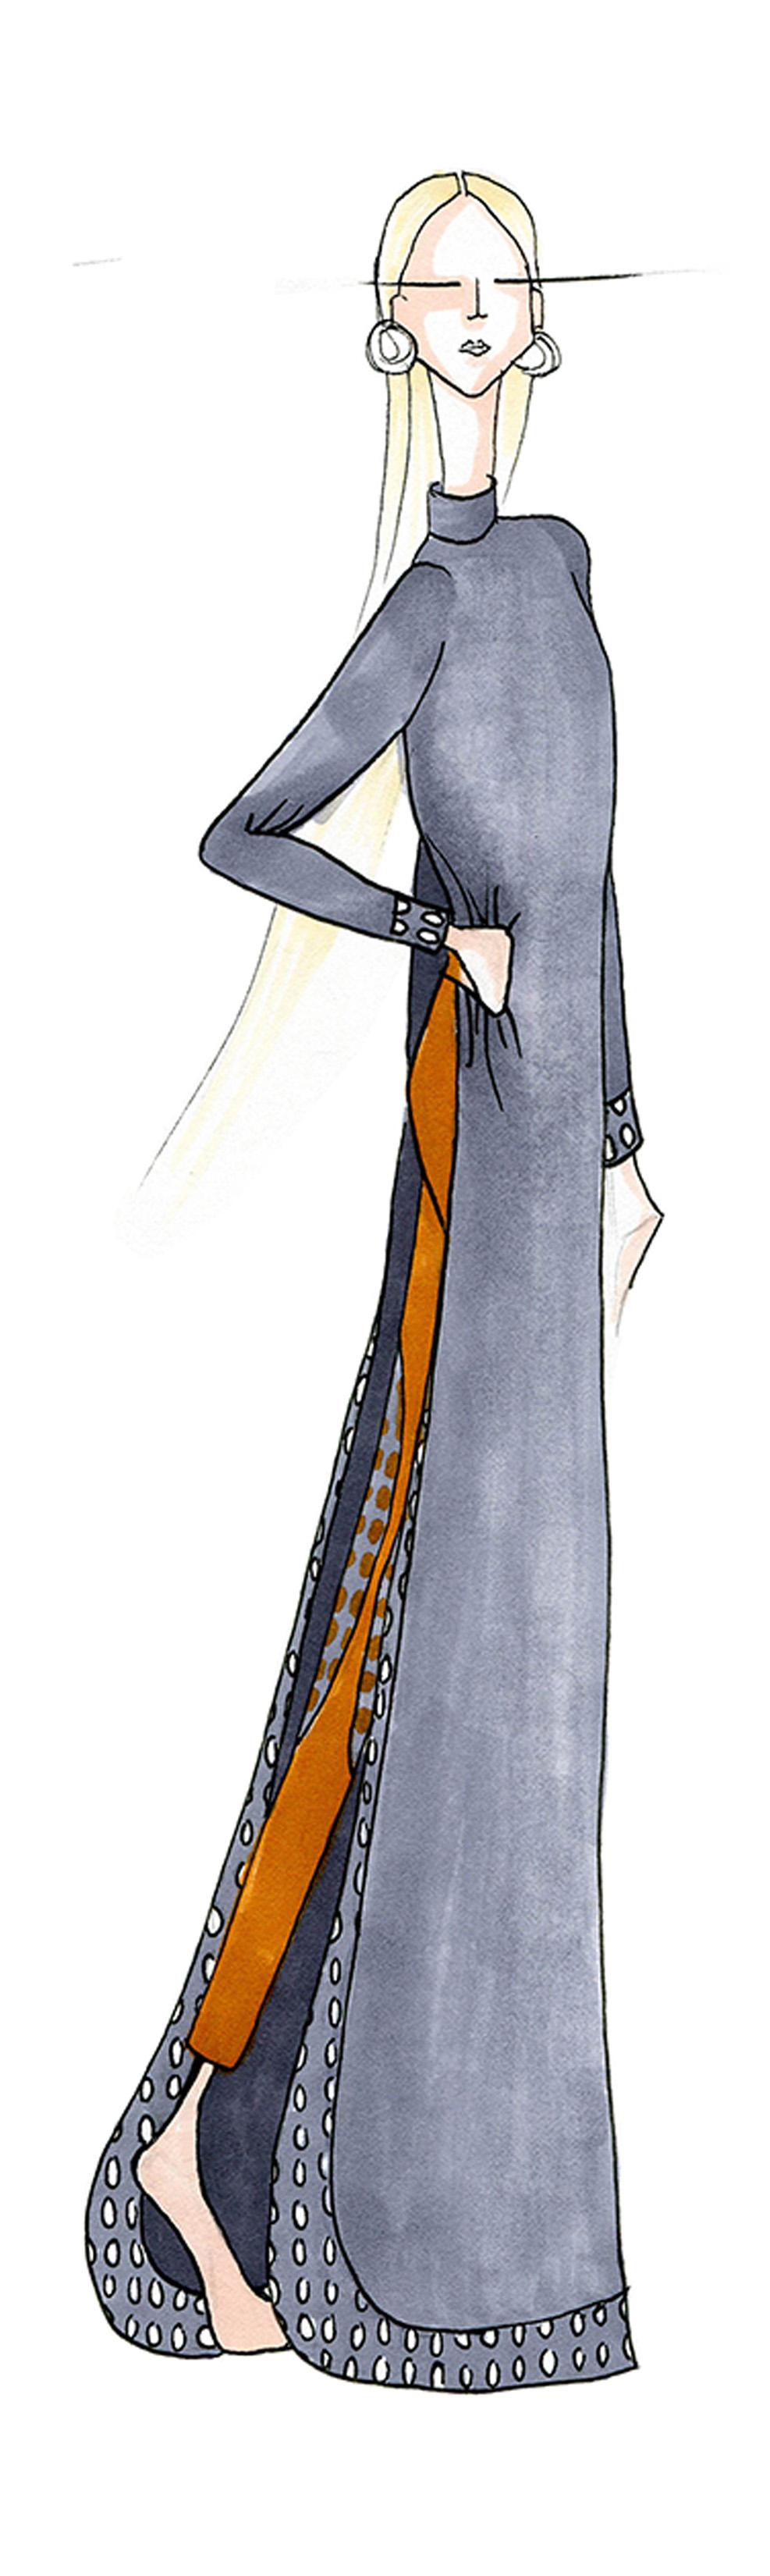 Sketch5-frontpage.jpg